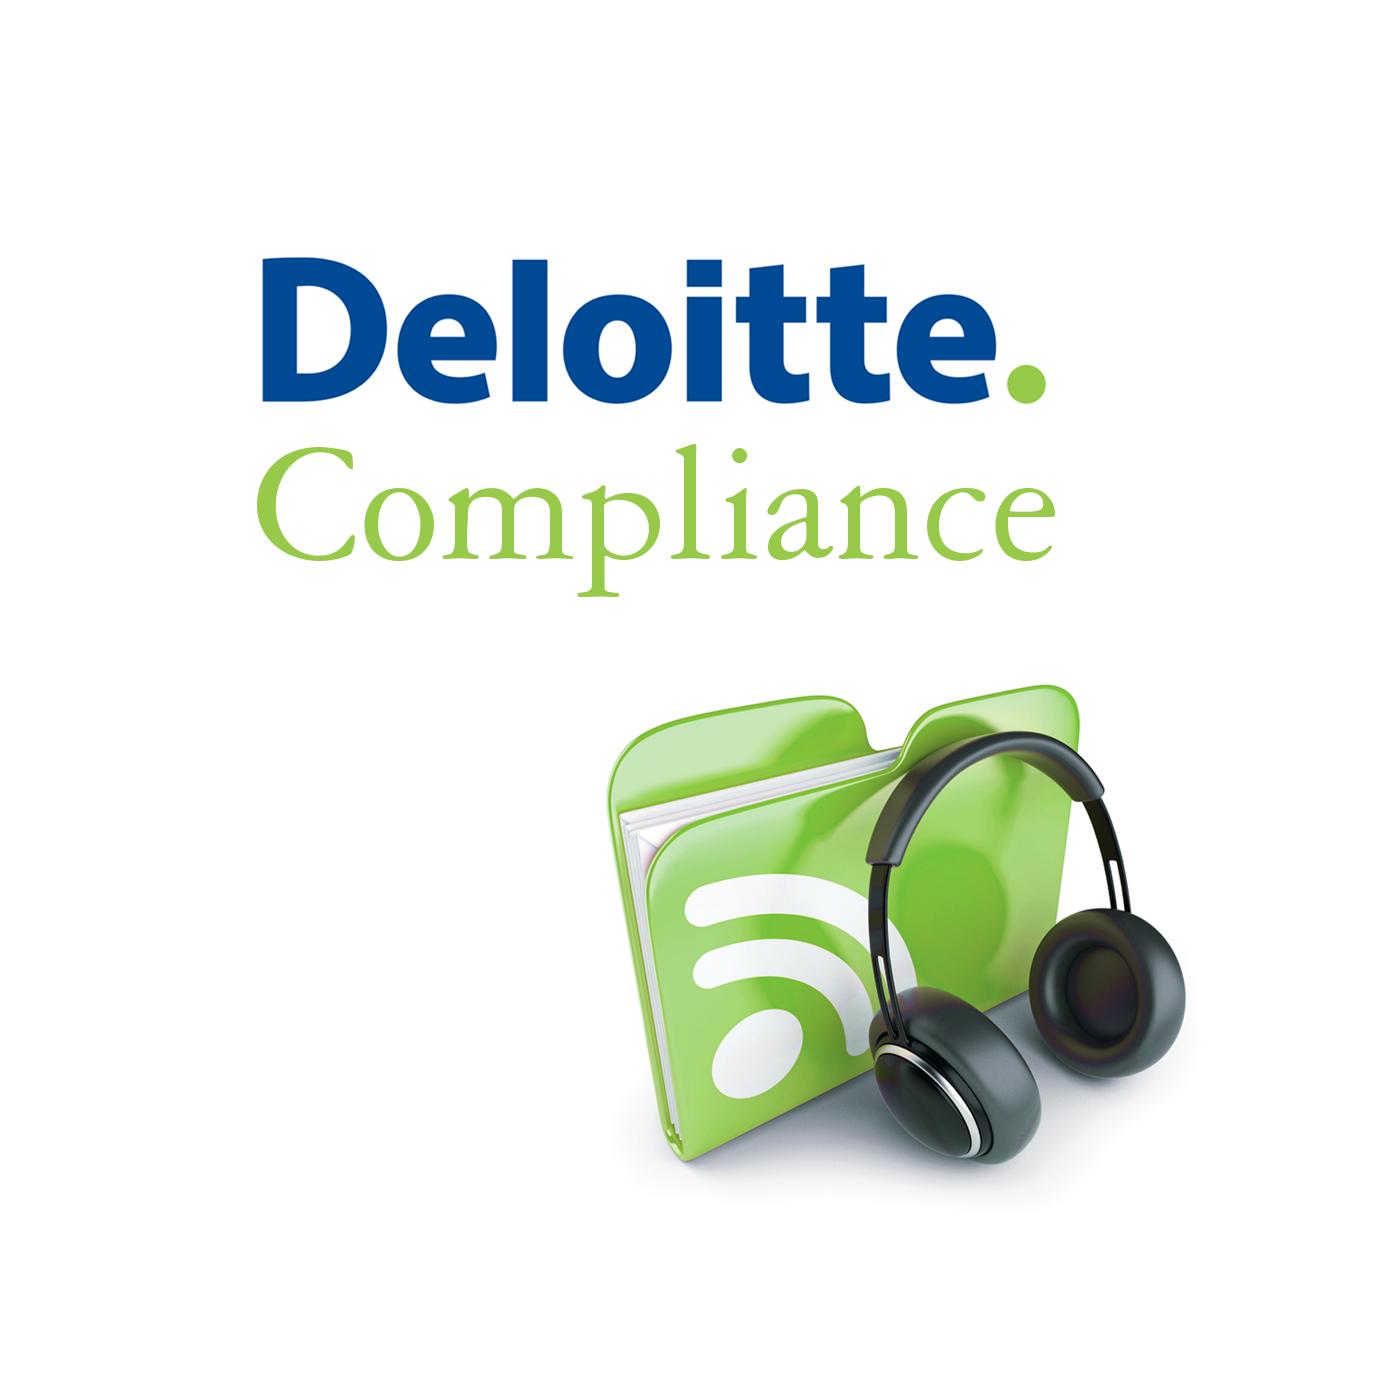 Deloitte Compliance